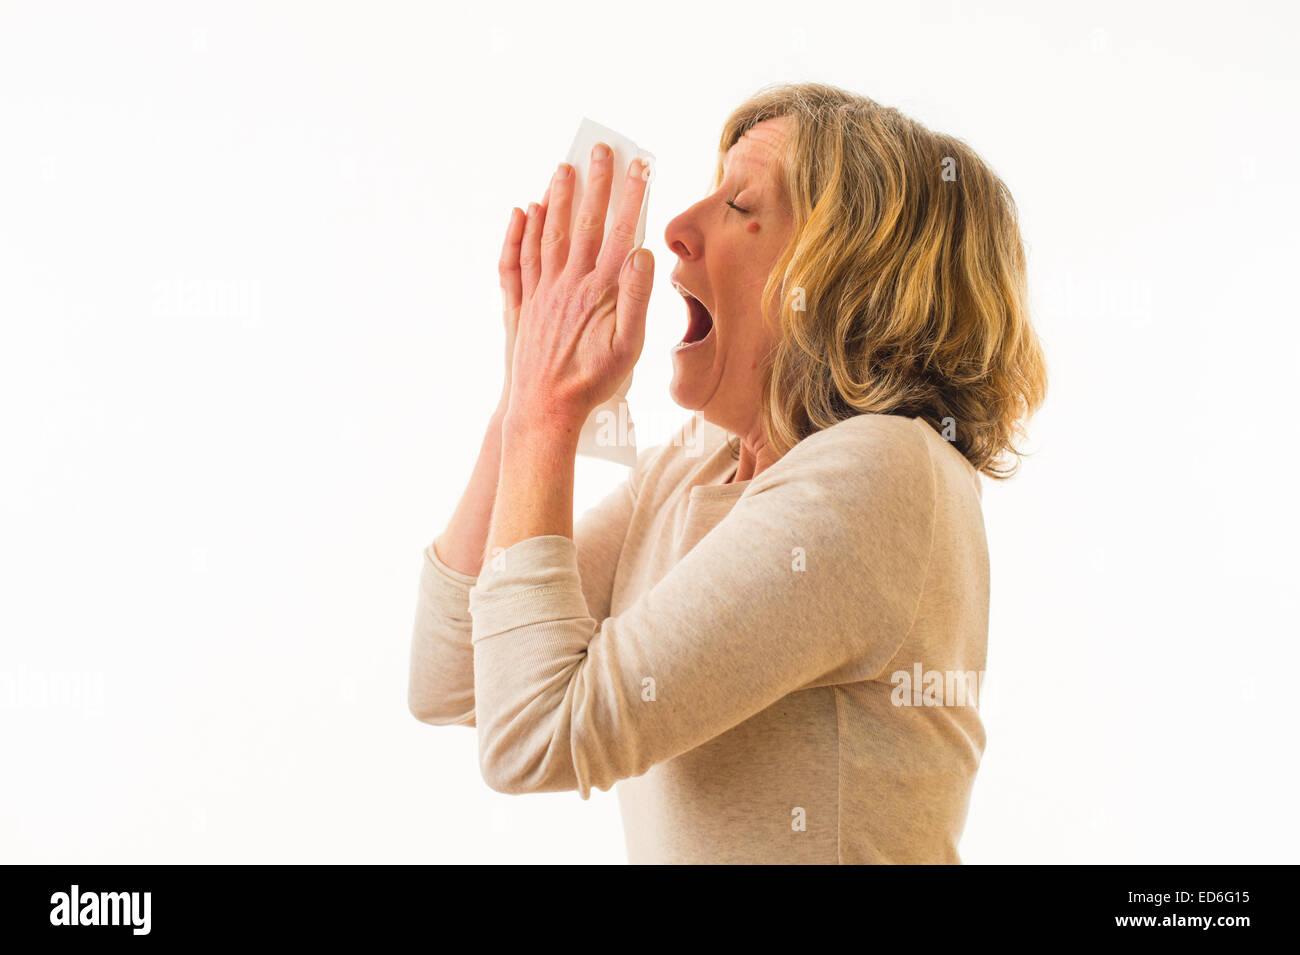 A cuarenta años de edad adulta caucásica sufriendo con un resfrío o gripe estornudos en un pañuelo Imagen De Stock